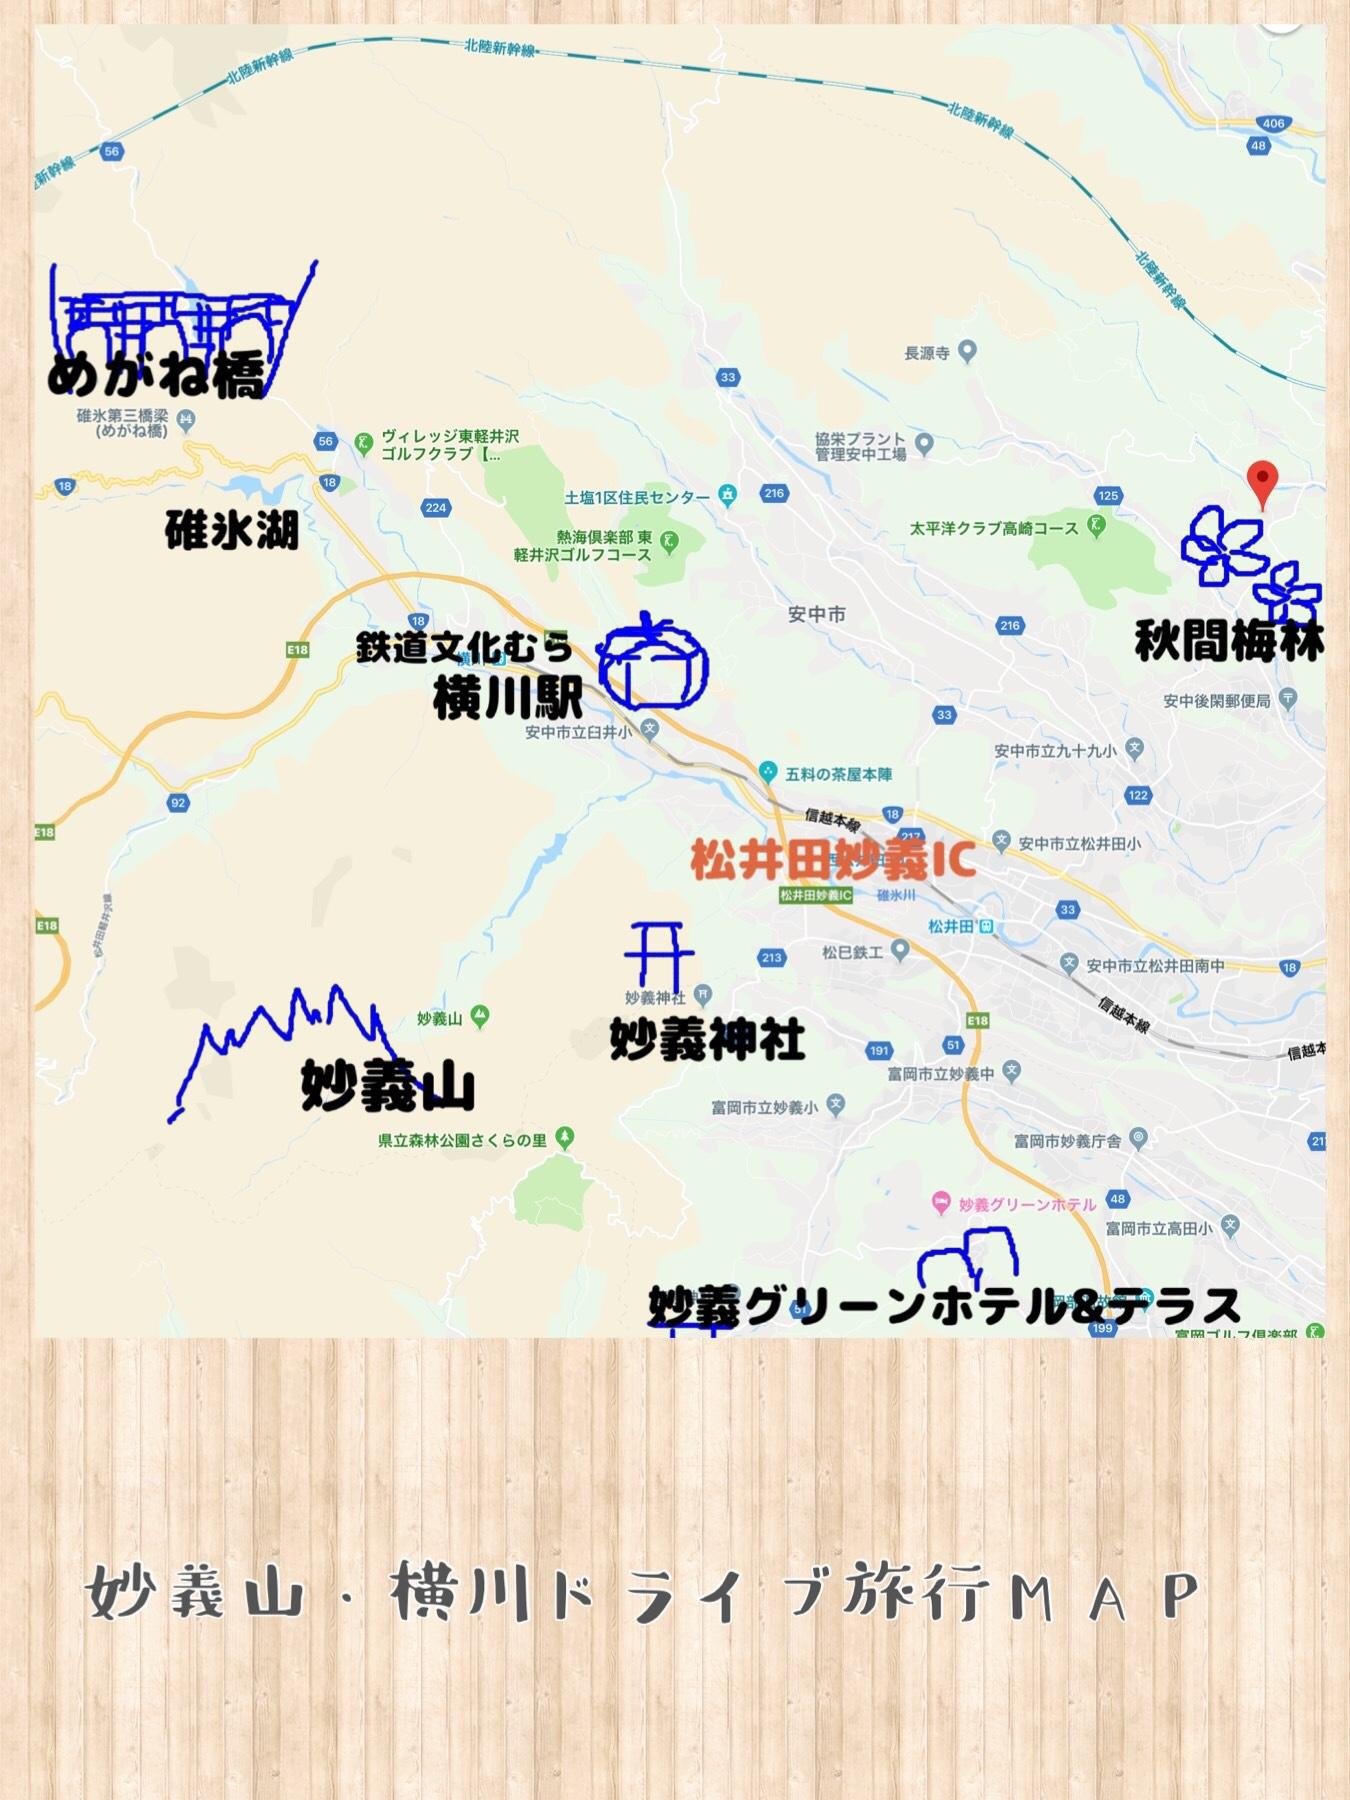 妙義山 横川ドライブ旅行 妙義山グリーンホテルアンドテラスグランピング